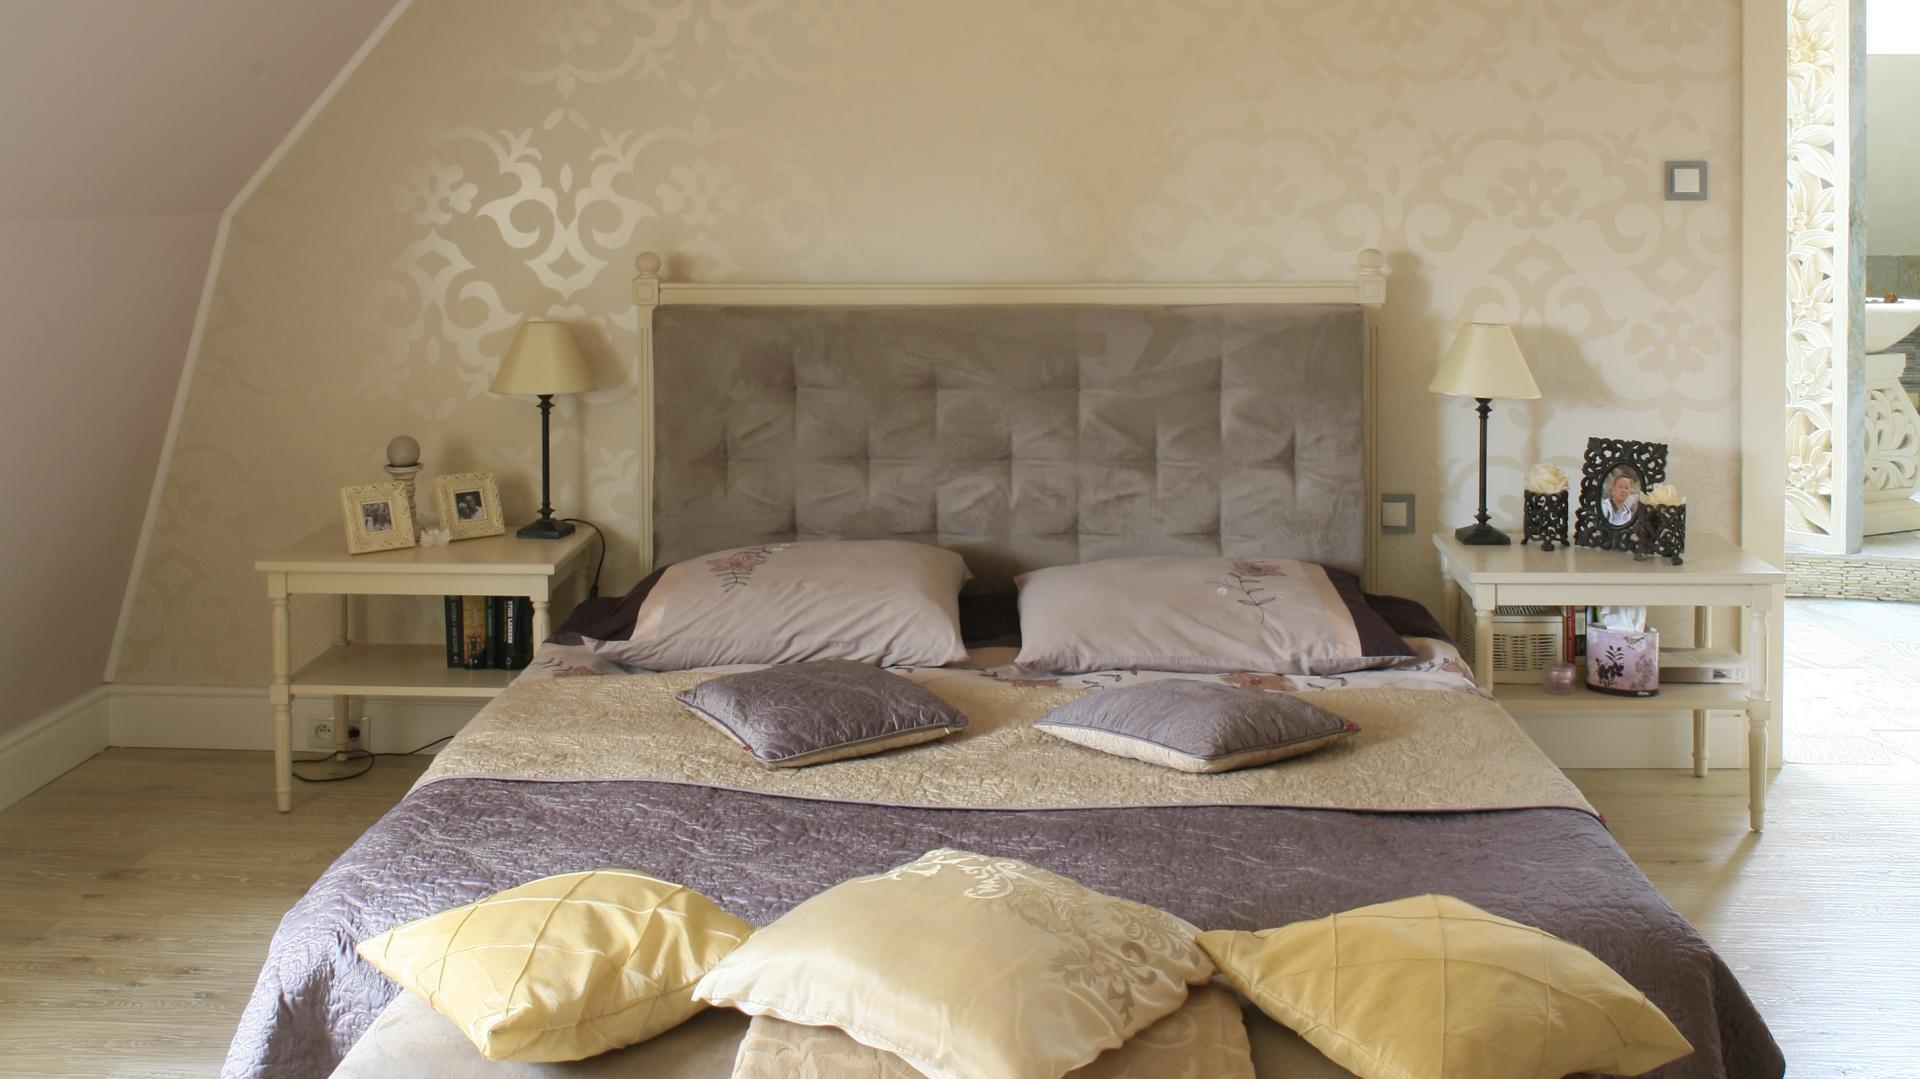 Piękna Sypialnia Na Poddaszu Gotowy Projekt Wnętrza Z Garderobą